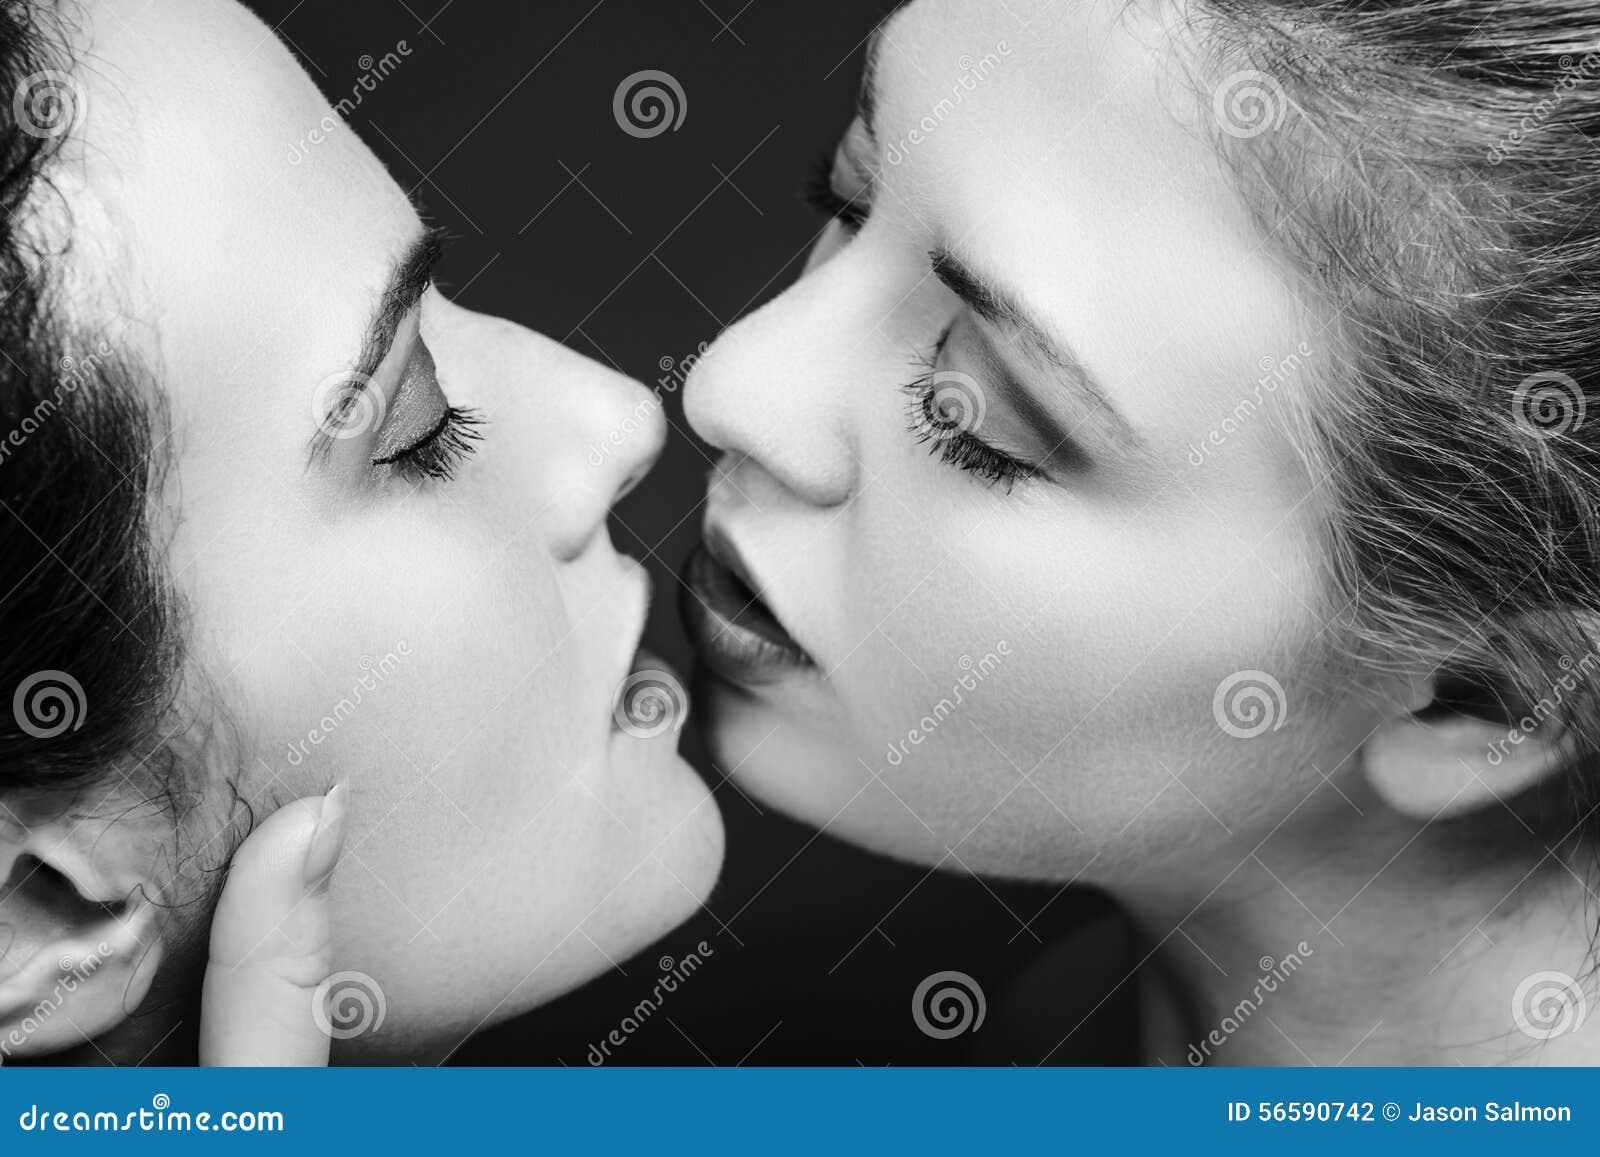 μαύρο λεσβιακό φιλιά φωτογραφίες Ωραίο Πενιές